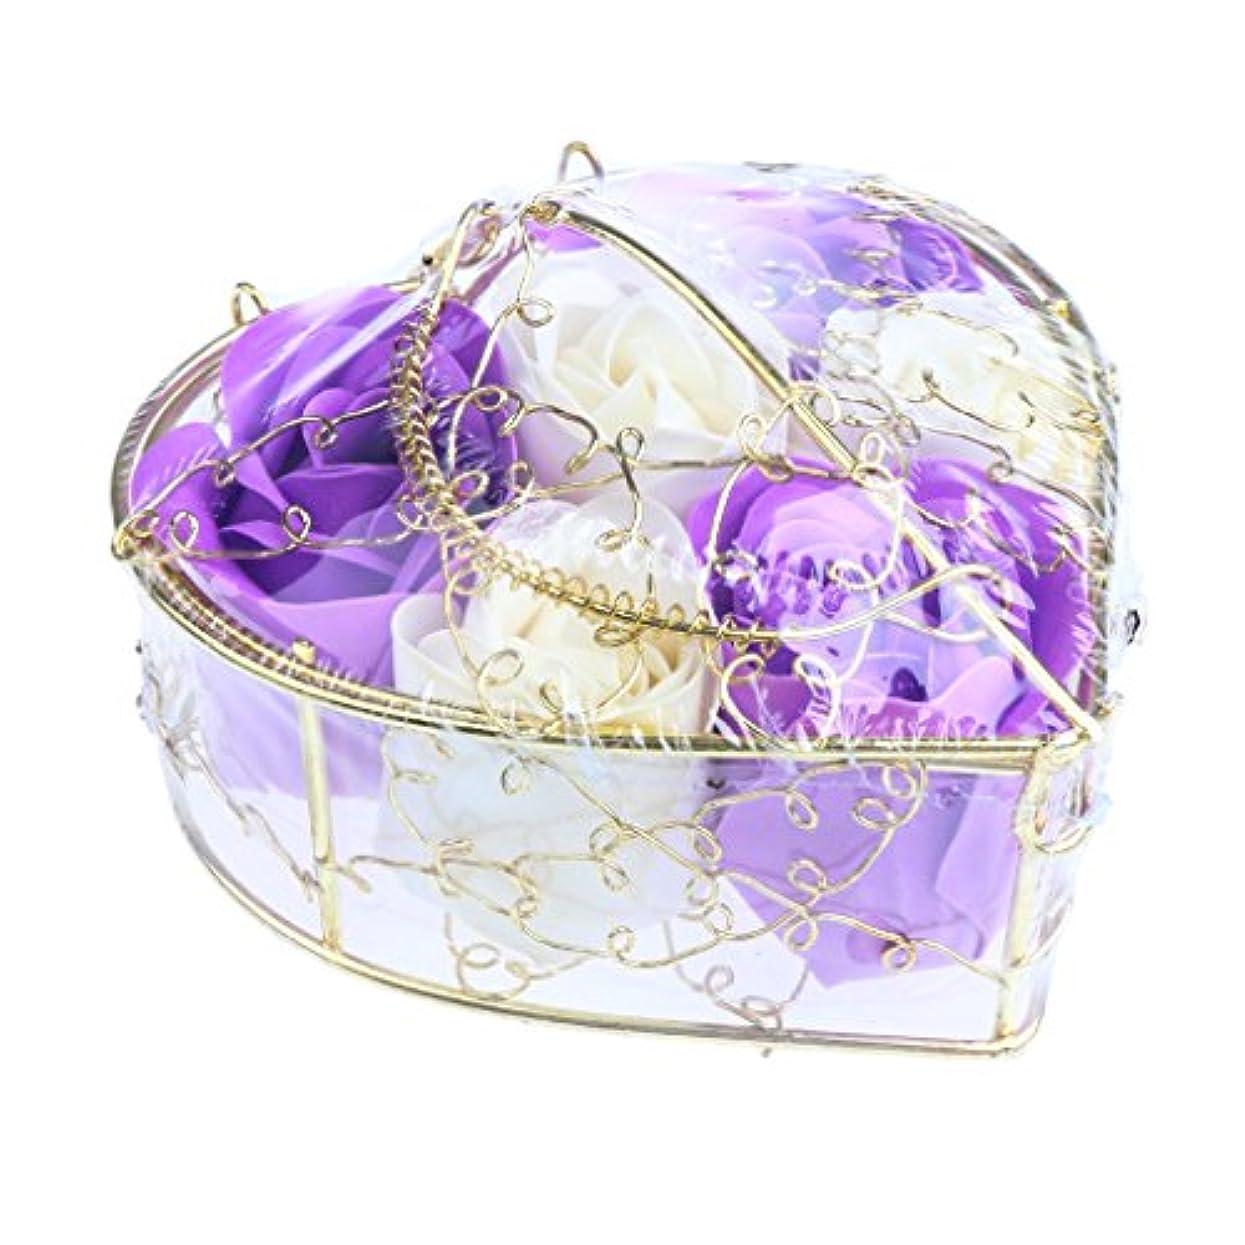 コンパニオンウェイトレスマオリFenteer 6個 ソープフラワー 石鹸の花 バラ 心の形 ギフトボックス  バレンタインデー  ホワイトデー  母の日 結婚記念日 プレゼント 全5タイプ選べる - 紫と白